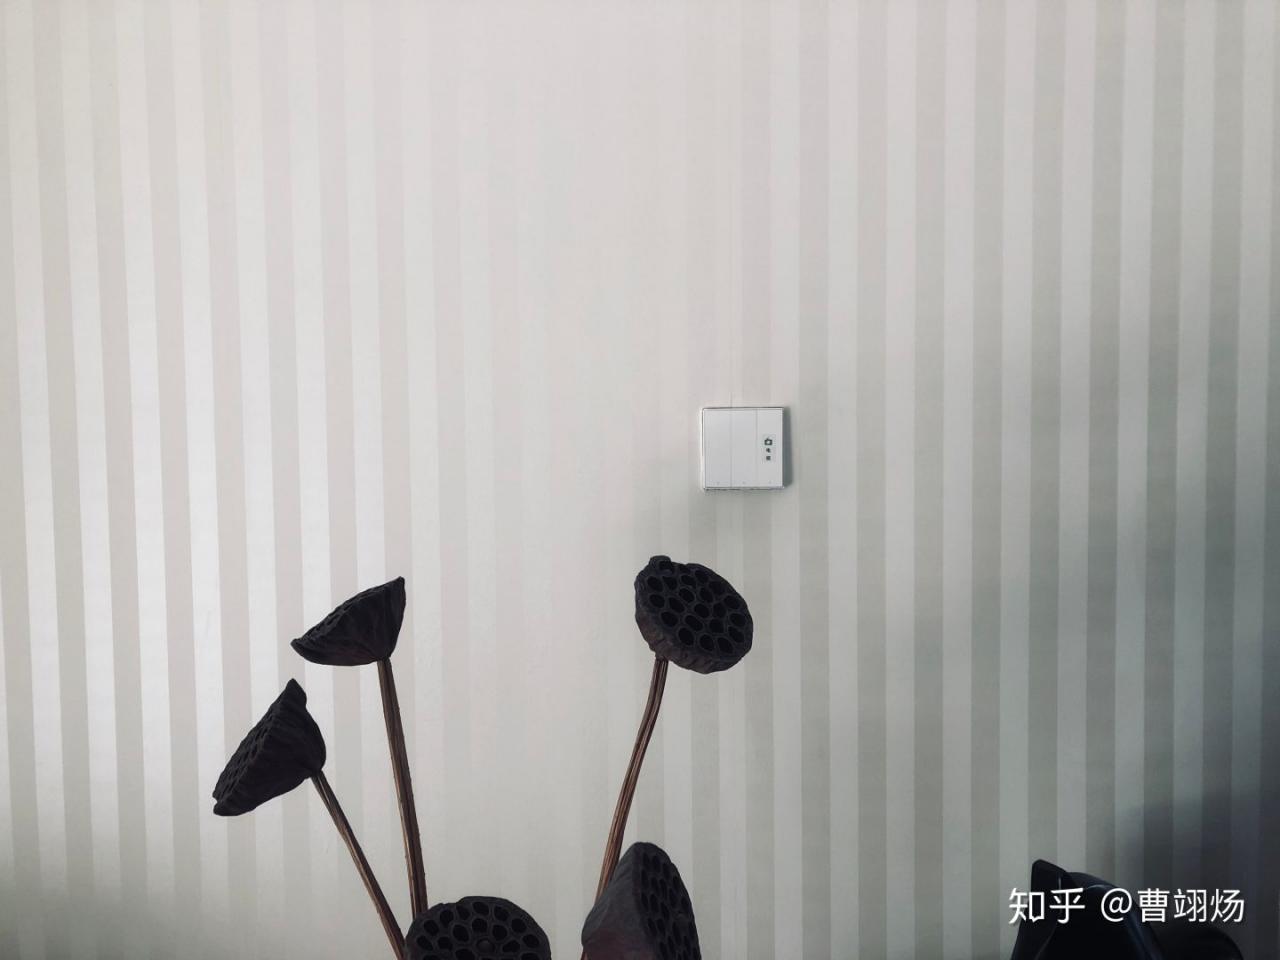 [测评]Aqara墙壁开关D1系列插图17